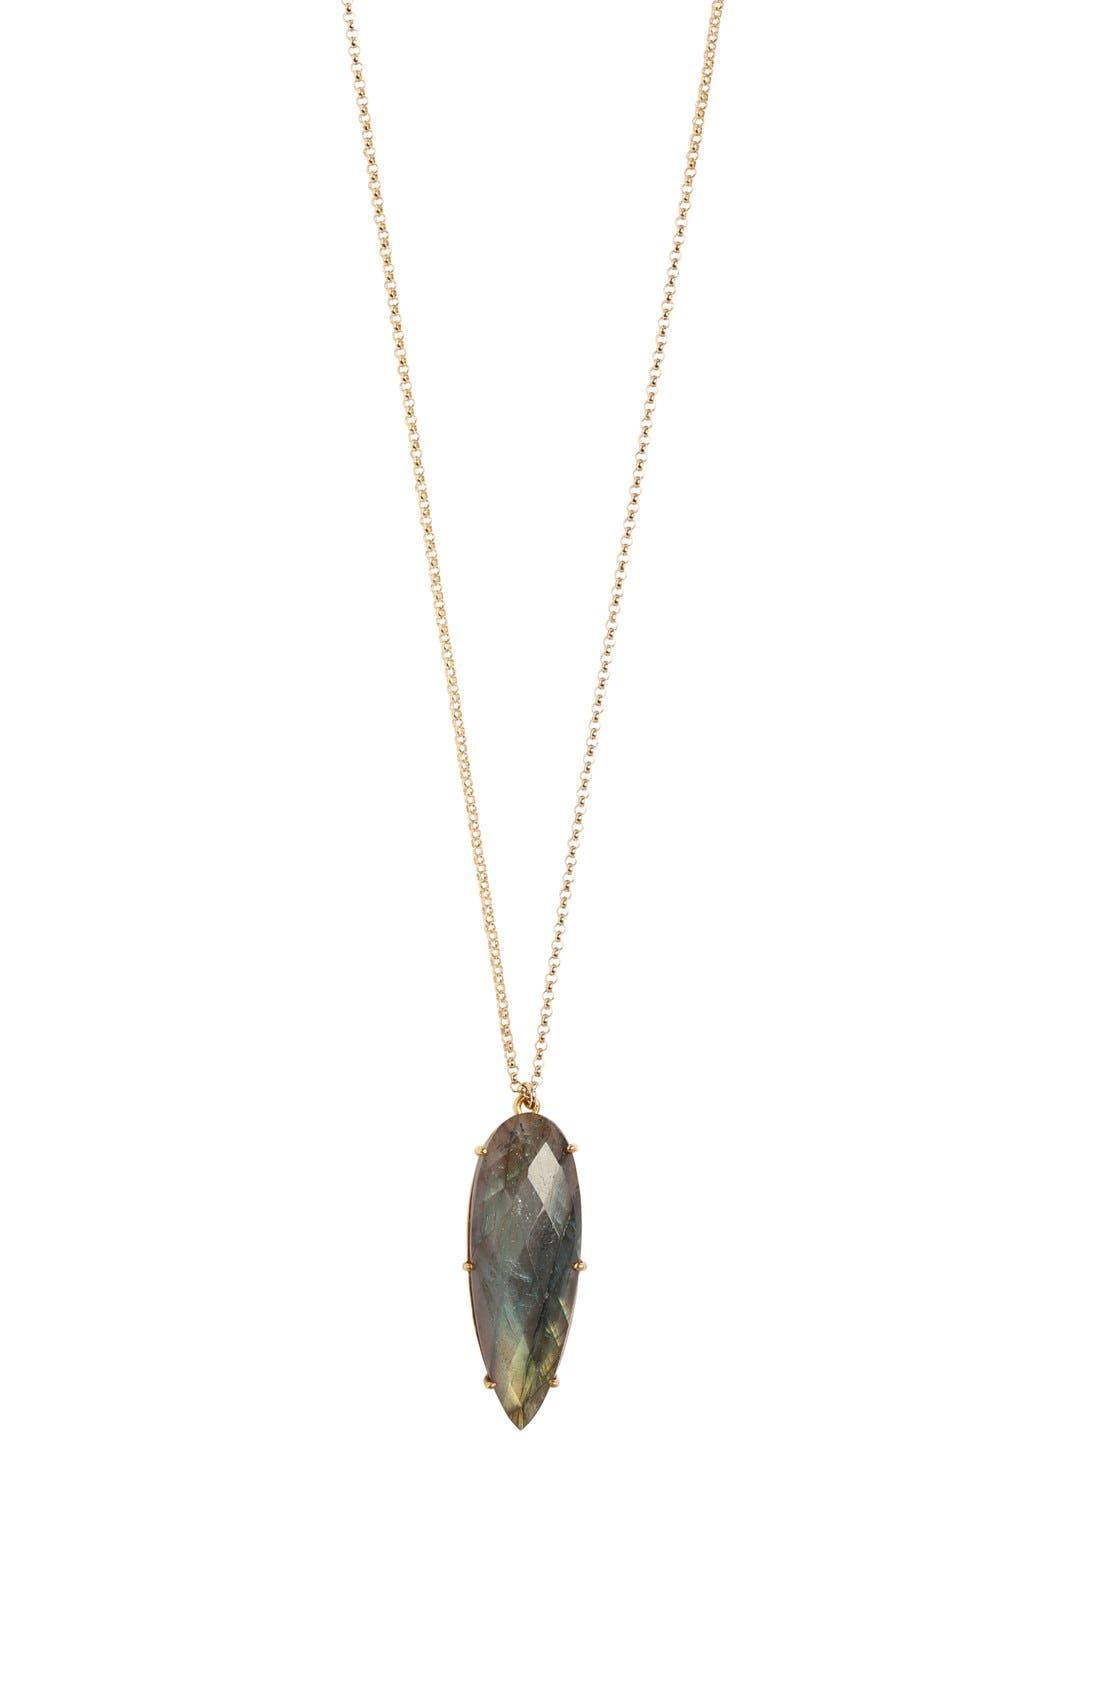 'Prism' Long Pendant Necklace,                             Main thumbnail 1, color,                             020